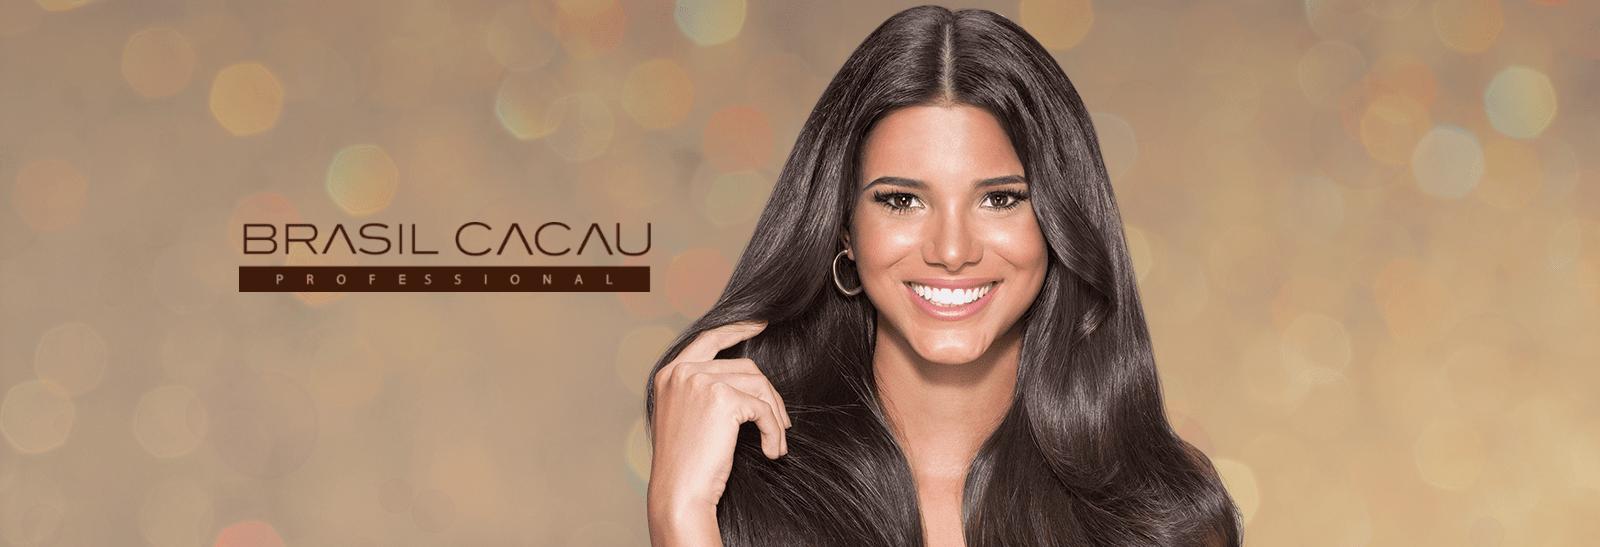 Фото кератин для выпрямления волос Brasil Cacau